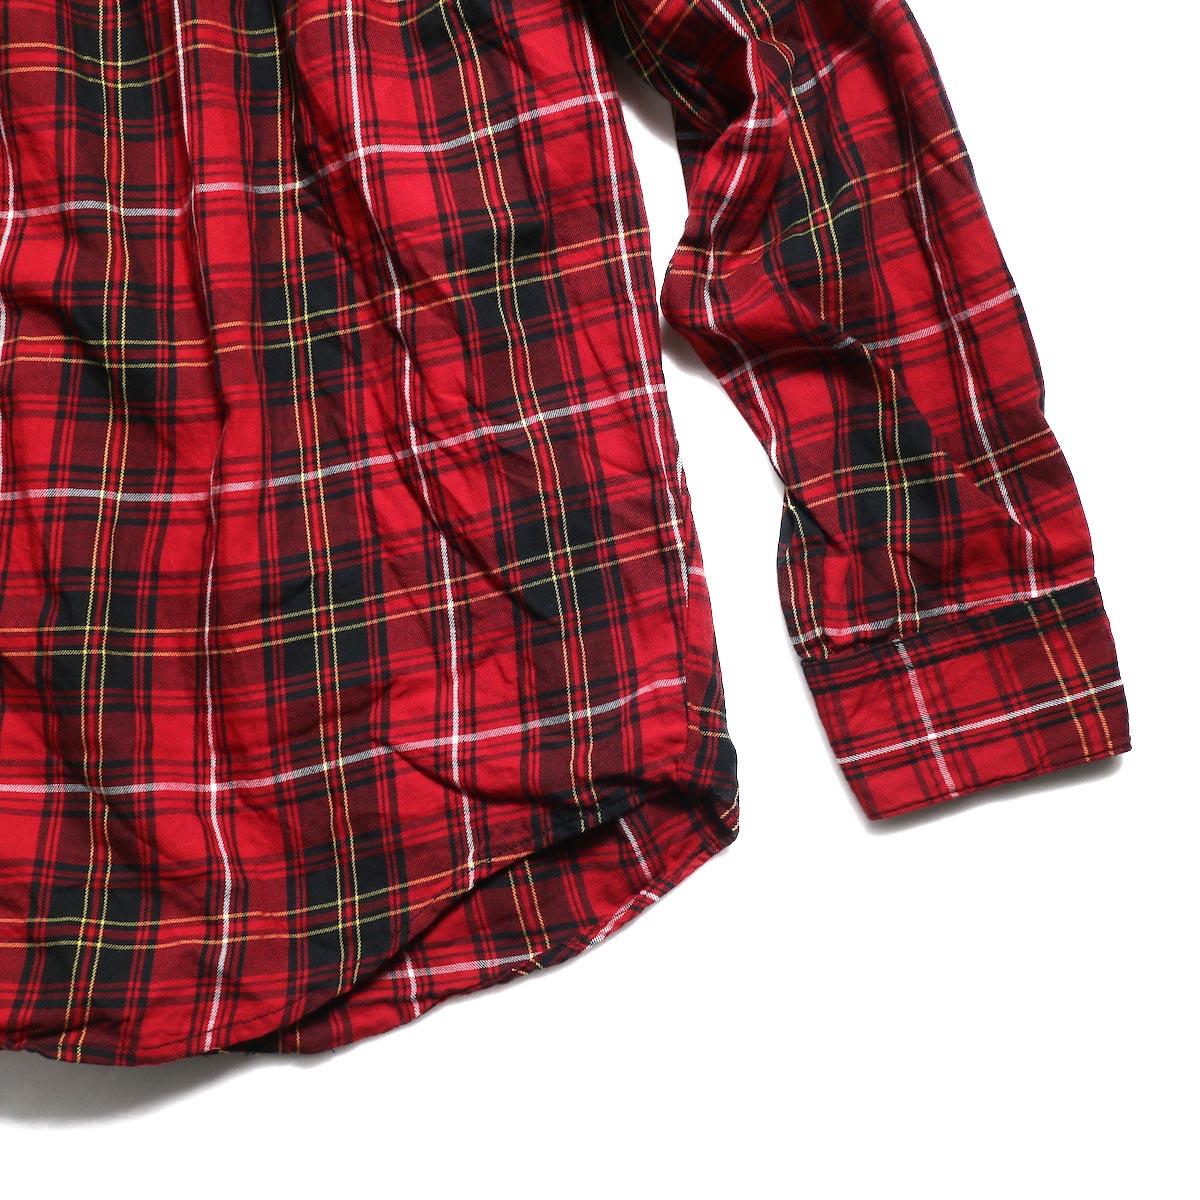 AiE / Painter Shirt -Cotton Tartan Check (Red) 裾